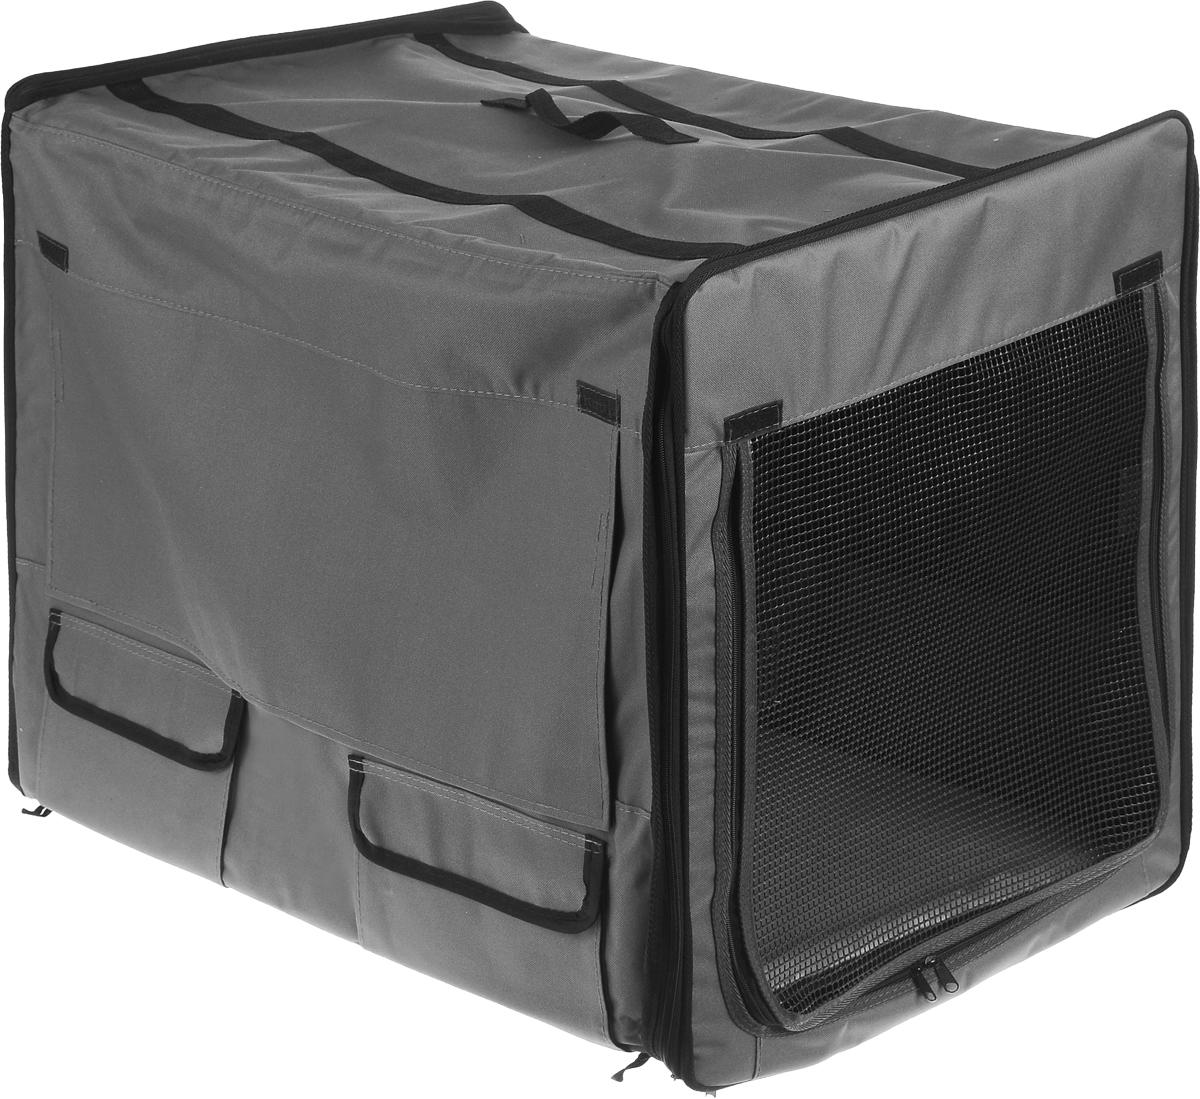 Клетка для животных Заря-Плюс, выставочная, цвет: серый, 75 х 60 х 50 см0120710Выставочная палатка-клетка Заря-Плюс - трансформер, благодаря чему палатка легко и просто собирается и разбирается. На выставке вы самостоятельно соберете палатку за несколько минут, застегнув молнии с двух сторон палатки.Лицевая и обратная стороны палатки выполнены одинаково:- наполовину из сетки, которая при необходимости закрывается шторкой;- в открытом состоянии шторка фиксируется с помощью липучки;- имеется 2 больших кармана для мелочей.Одна из боковых частей палатки выполнена из сетки, которая пристегивается с помощью молнии.В открытом состоянии сетку можно закрепить с помощью липучек.Другая боковая часть палатки выполнена наполовину из сетки, которая при необходимости закрывается шторкой.В открытом состоянии шторка фиксируется с помощью липучки.С этой стороны палатки имеется большой карман.В комплект палатки входит съемное дно из ДВП и меховой матрац; при необходимости матрац легко снимается для стирки. Обратите внимание на оформление выставочной клетки: при необходимости вы сможете закрыть все стороны палаток с помощью шторок.В собранном виде палатка довольно компактна, при хранении занимает мало места.Палатка переносится в сумке, которая входит в комплект.Для удобной переноски чехол имеет две короткие и одну длинную ручки, также на чехле имеется 2 больших кармана.